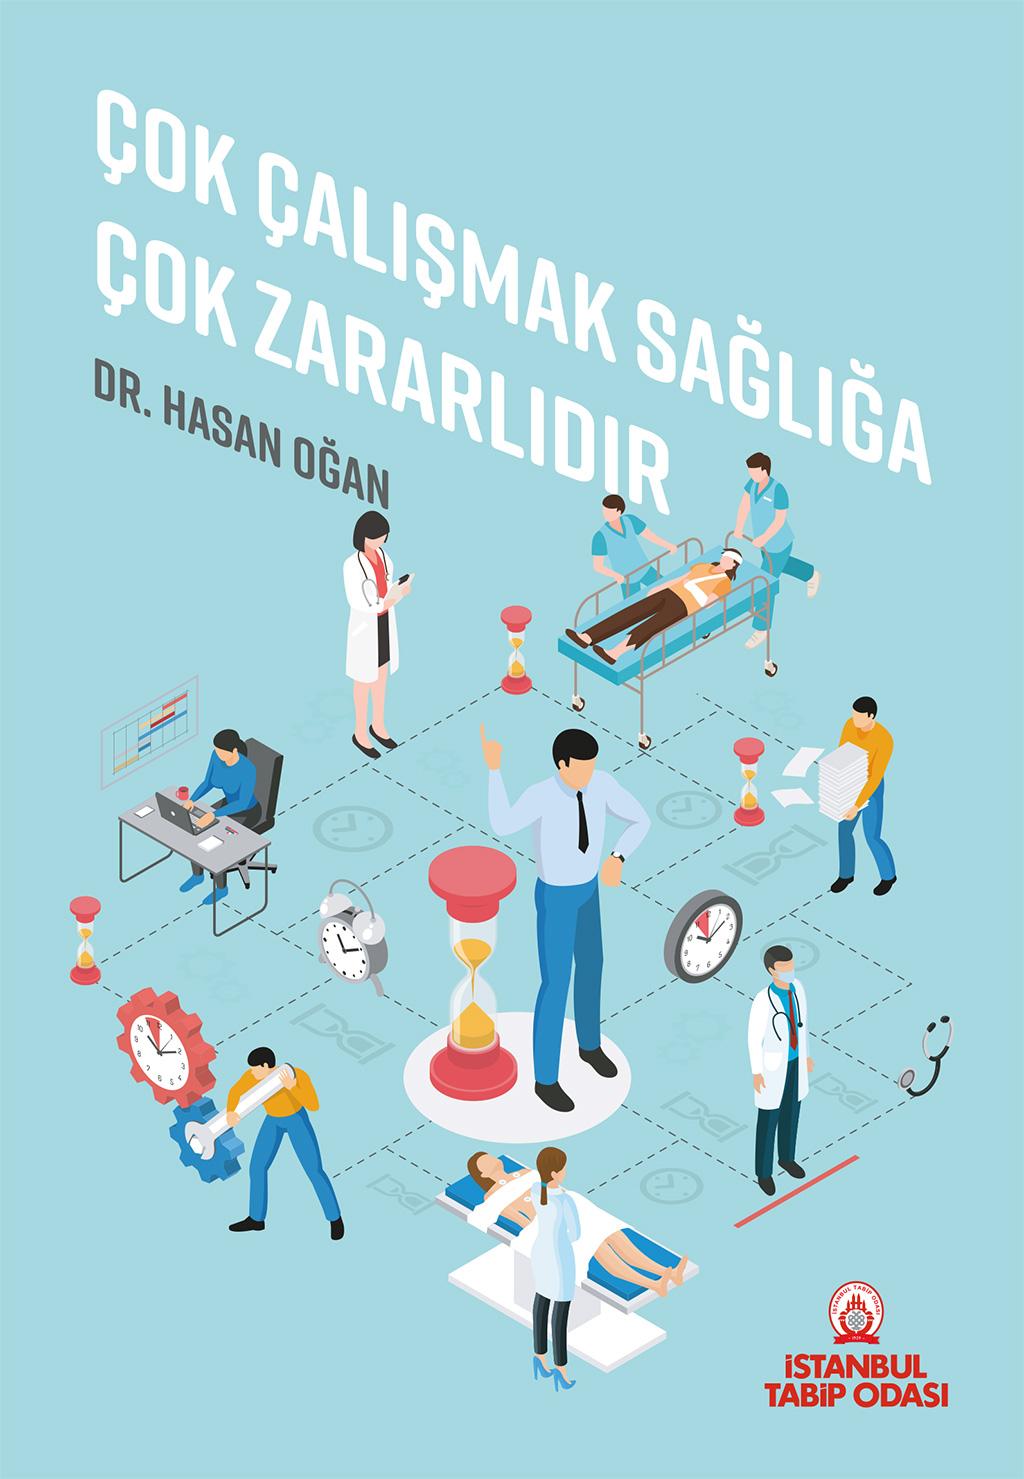 Kitaplar Çok çalışmak sağlığa çok zararlıdır - Dr. Hasan Oğan